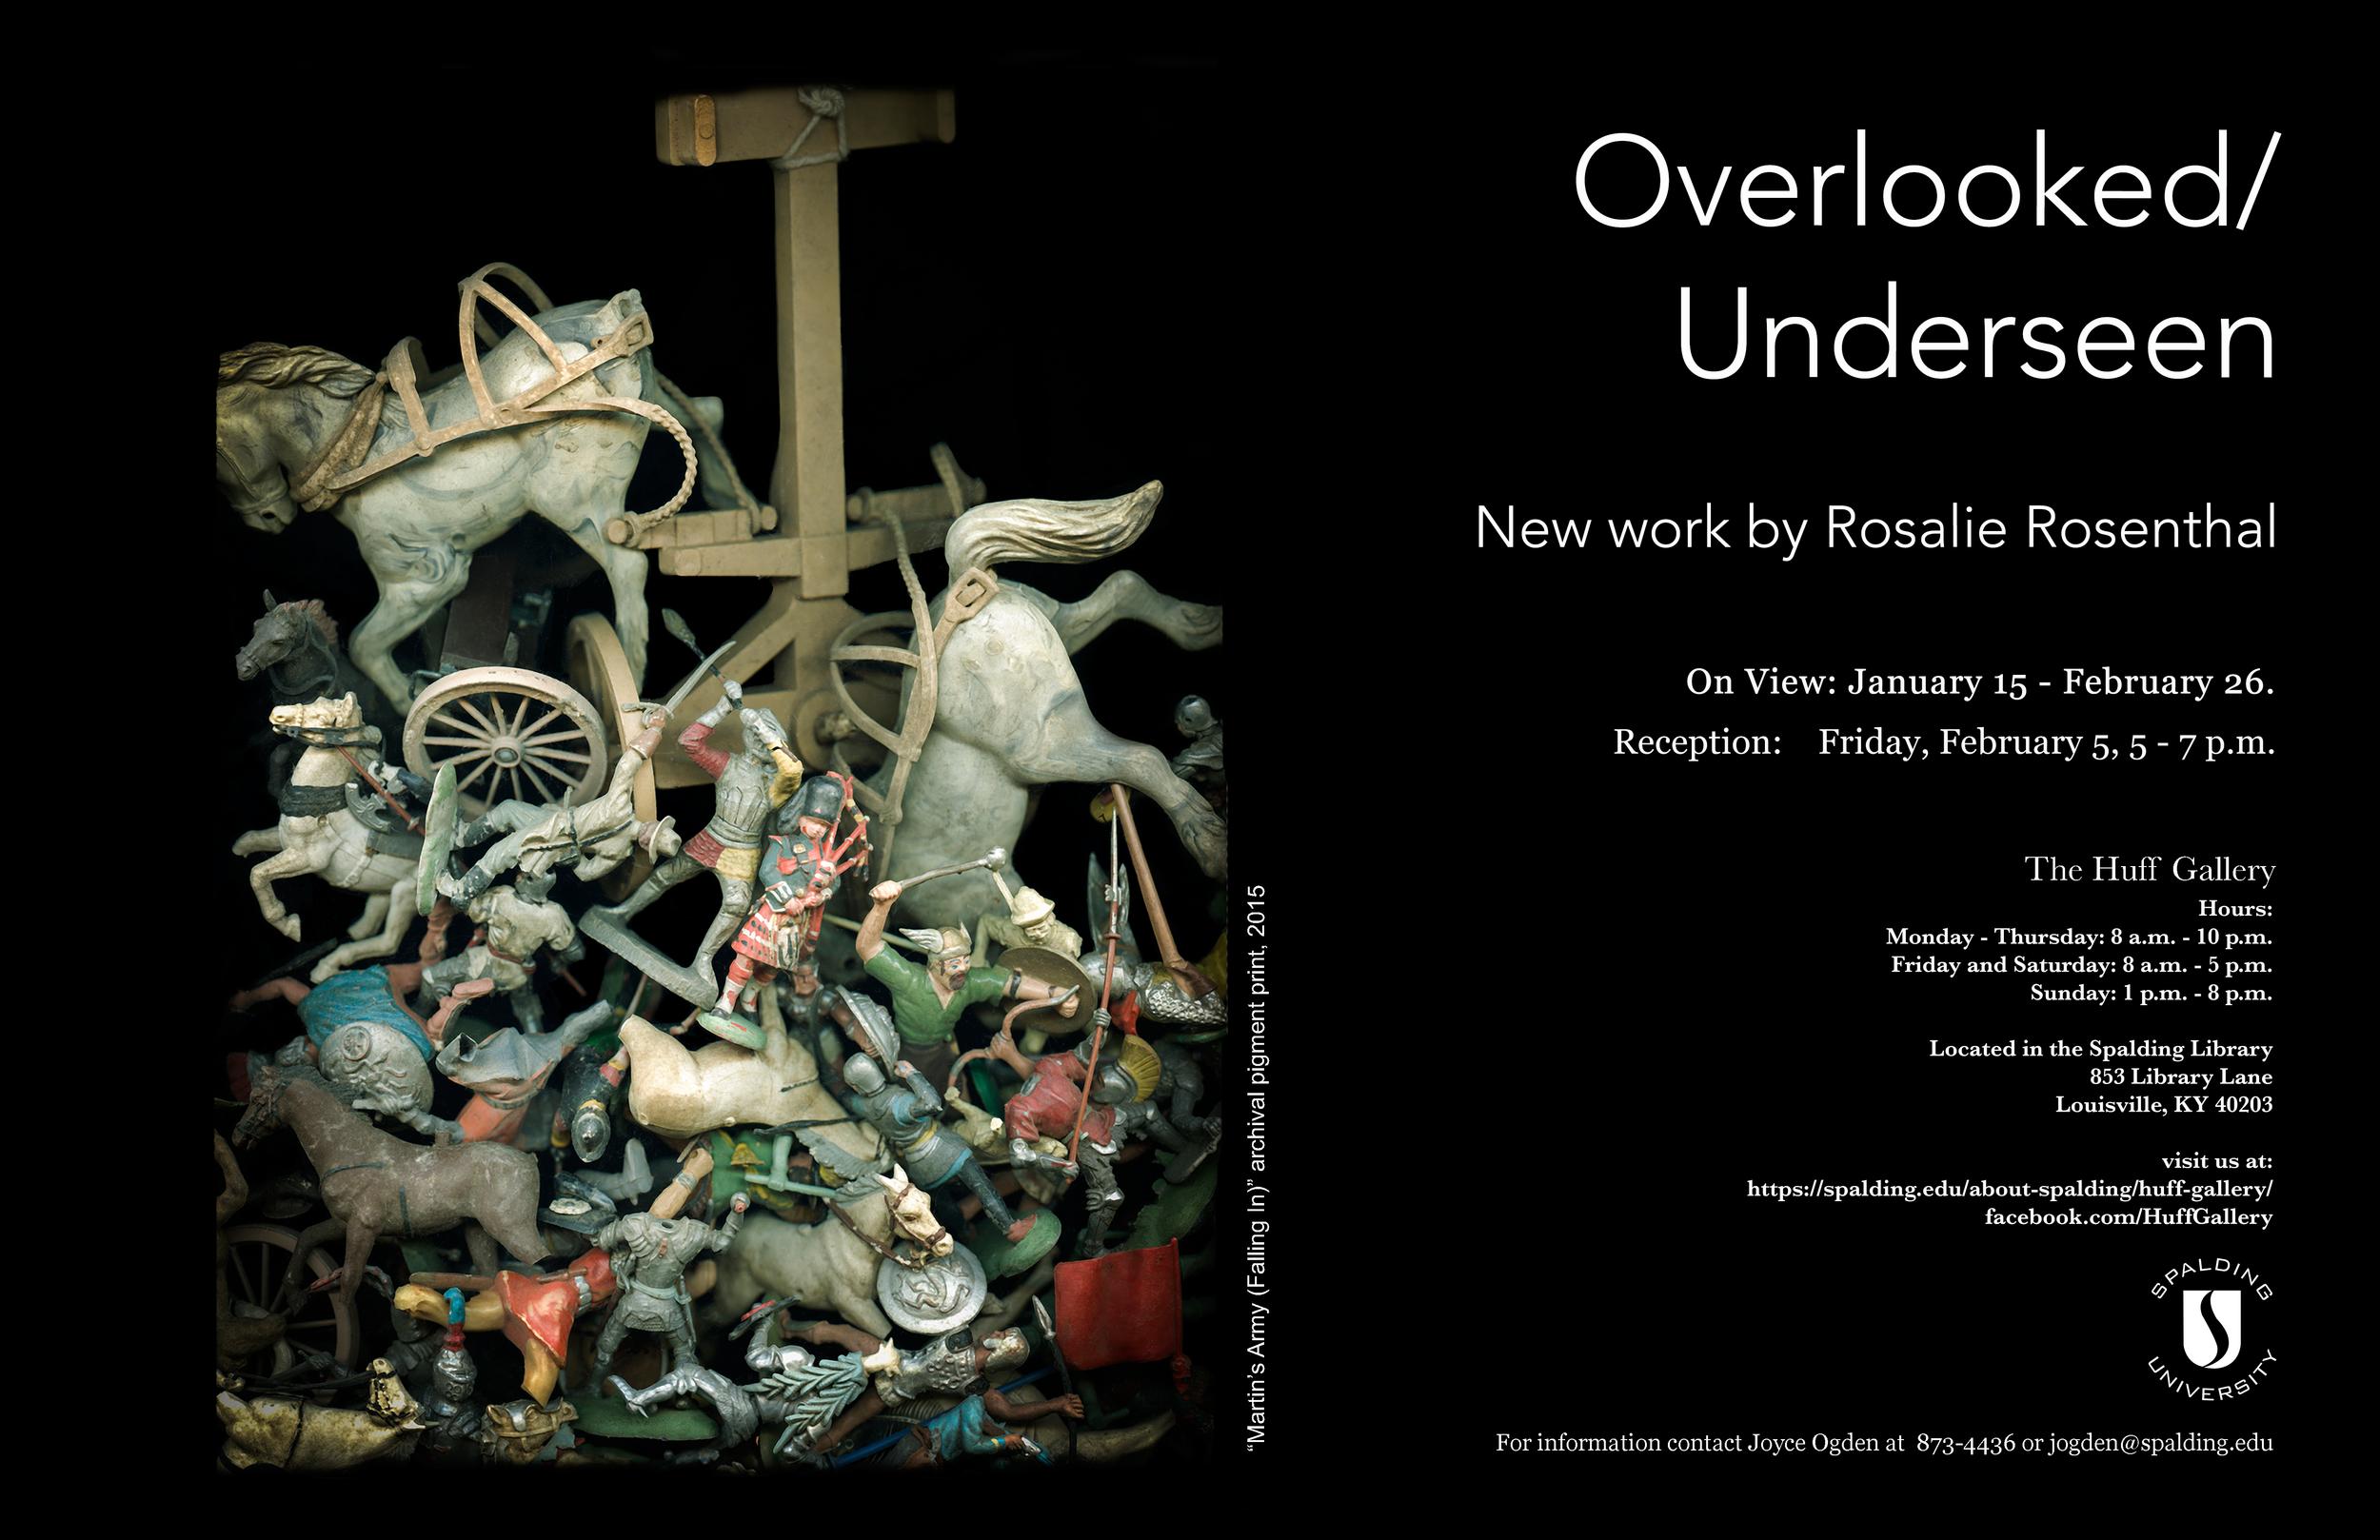 Overlooked/Underseen